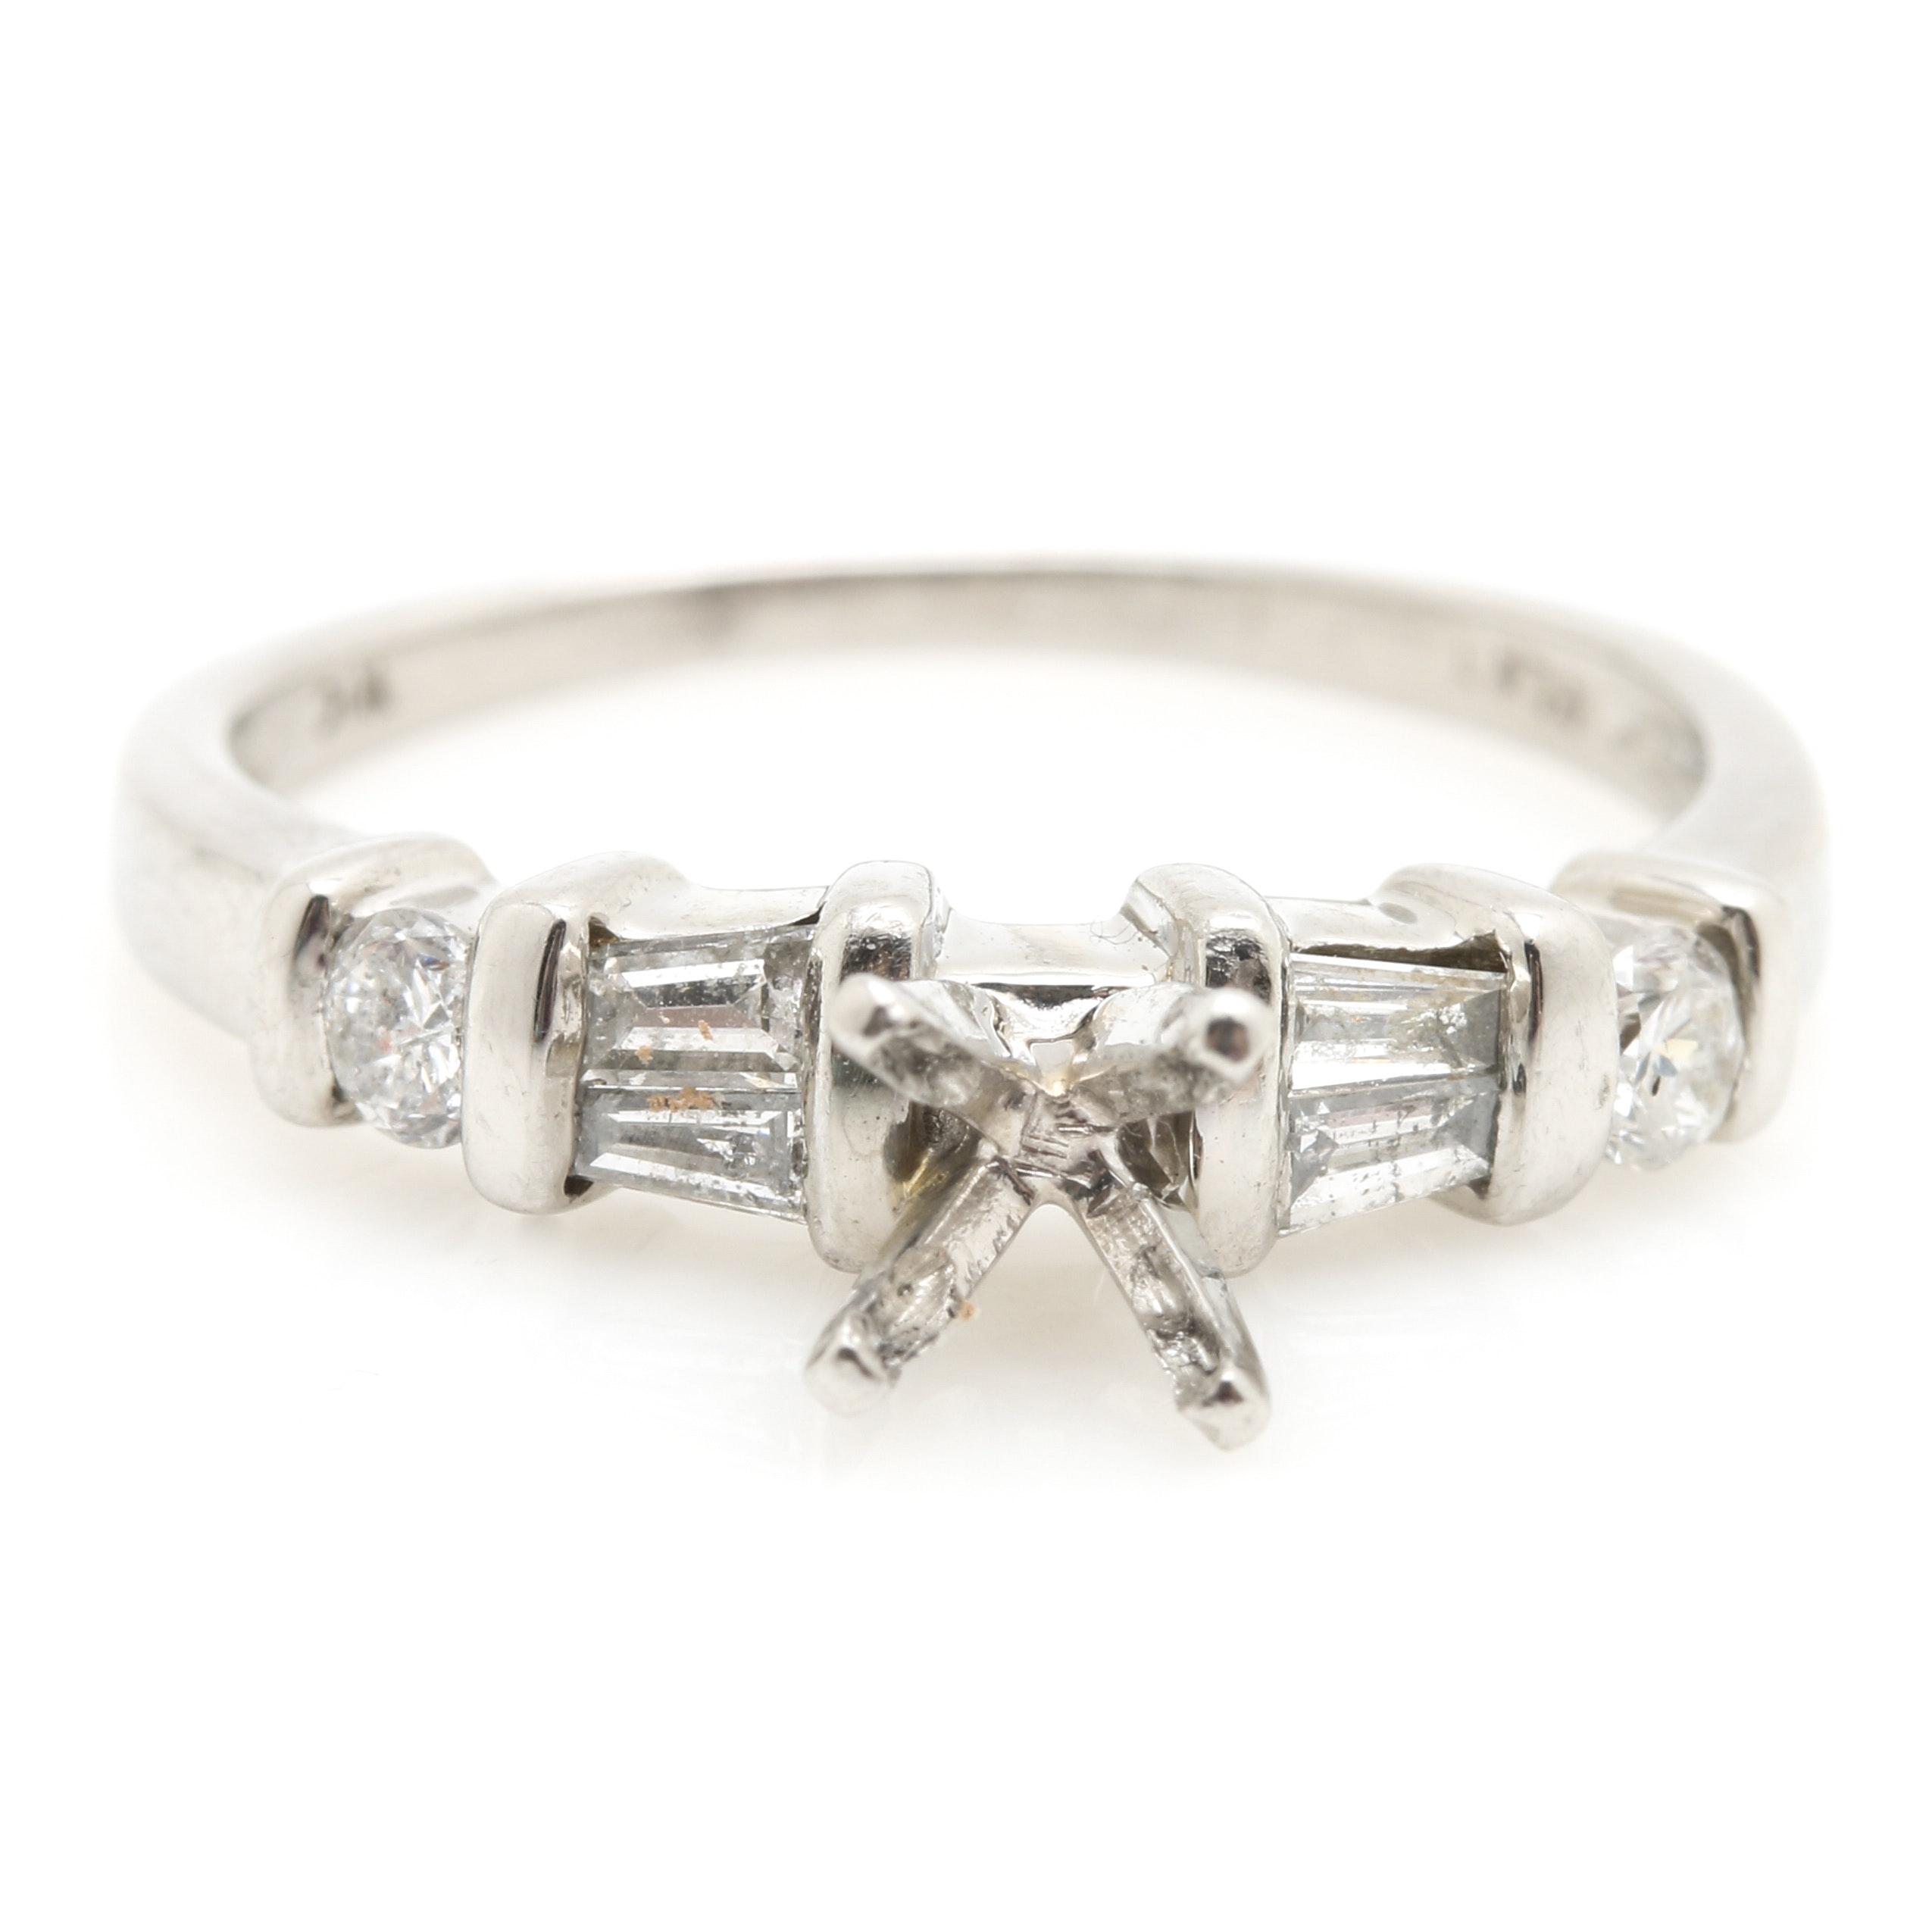 Platinum Ring Semi Mount Featuring 0.26 CTW Diamonds